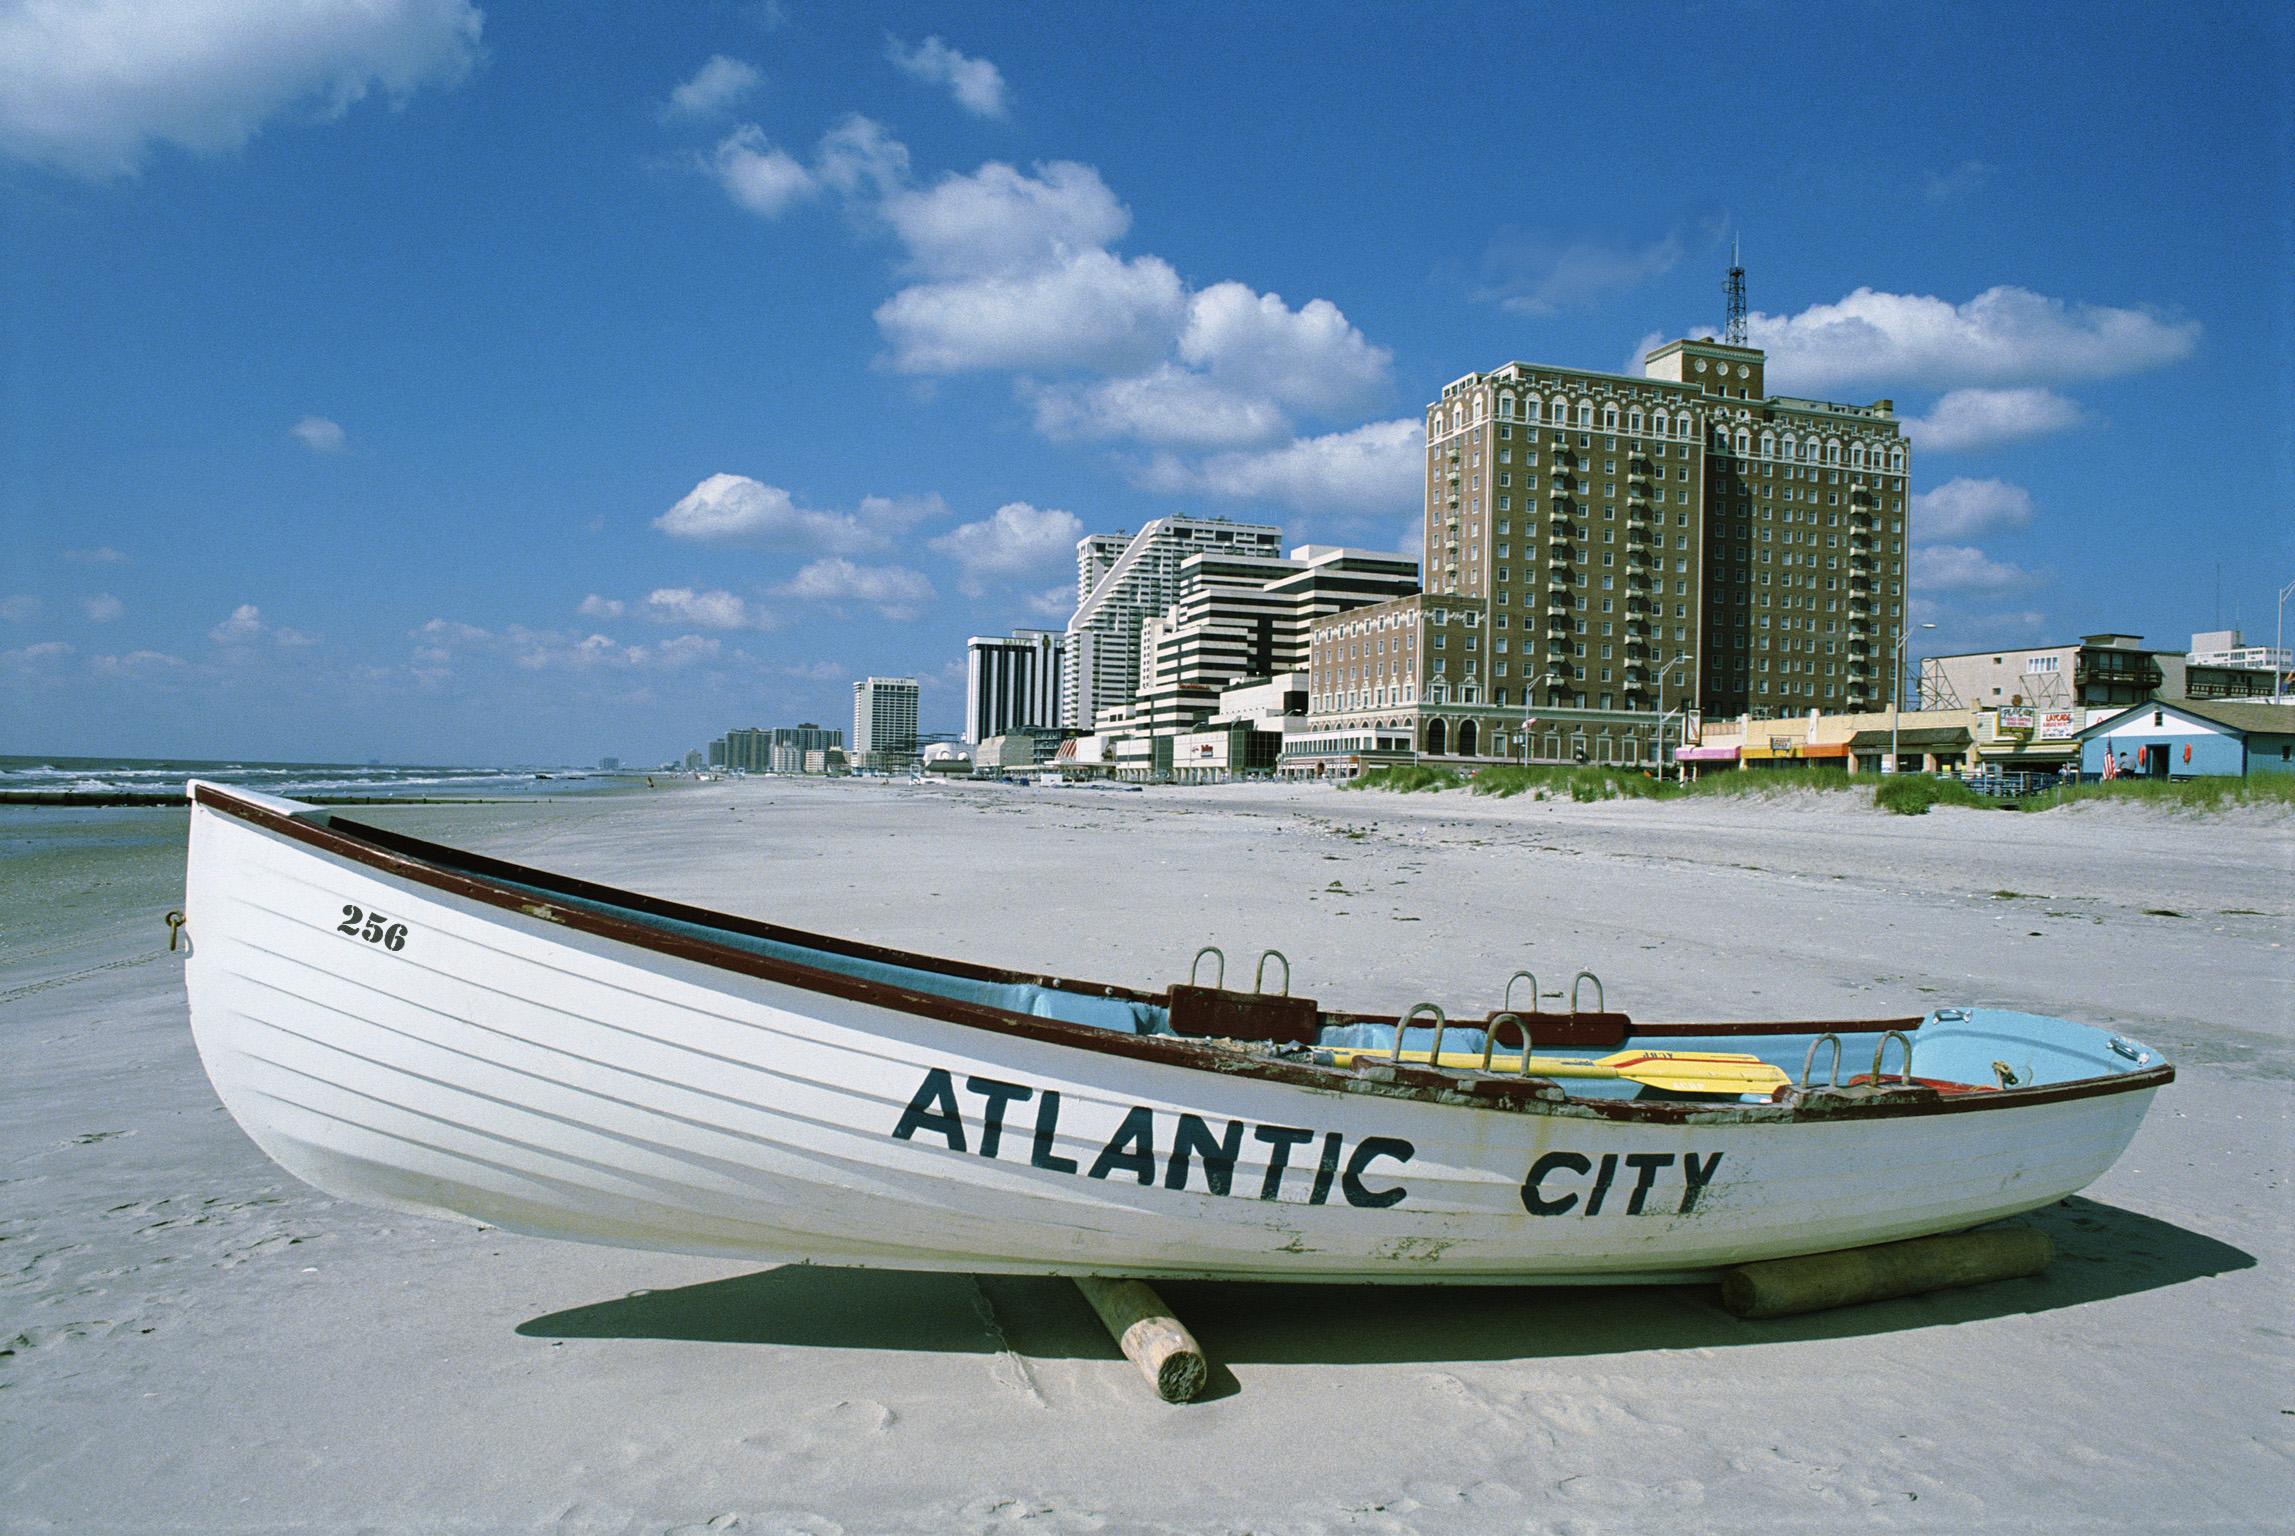 Atlantic boat casino city show juegos de casino gratis online sin descargar ni registrarse